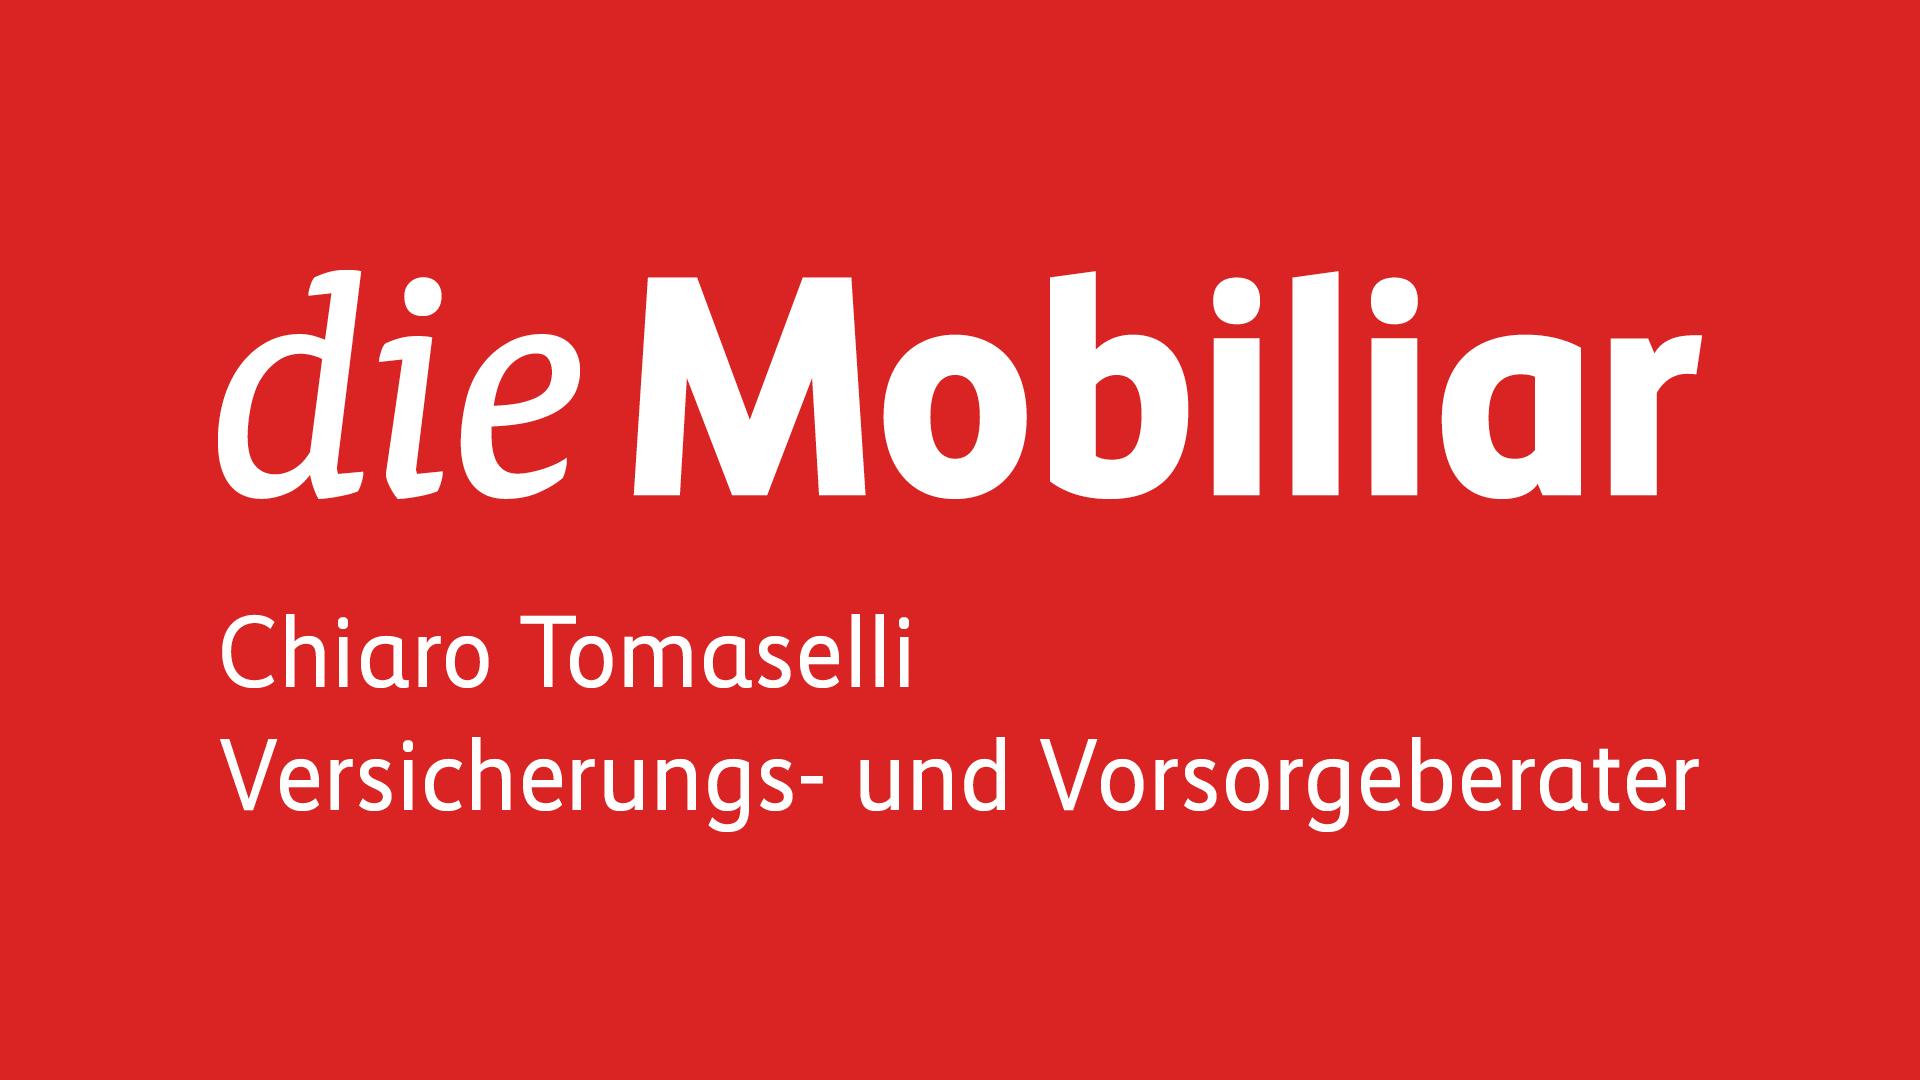 http://www.mobiliar.ch/versicherungen-und-vorsorge/generalagenturen/frauenfeld/chiaro-tomaselli